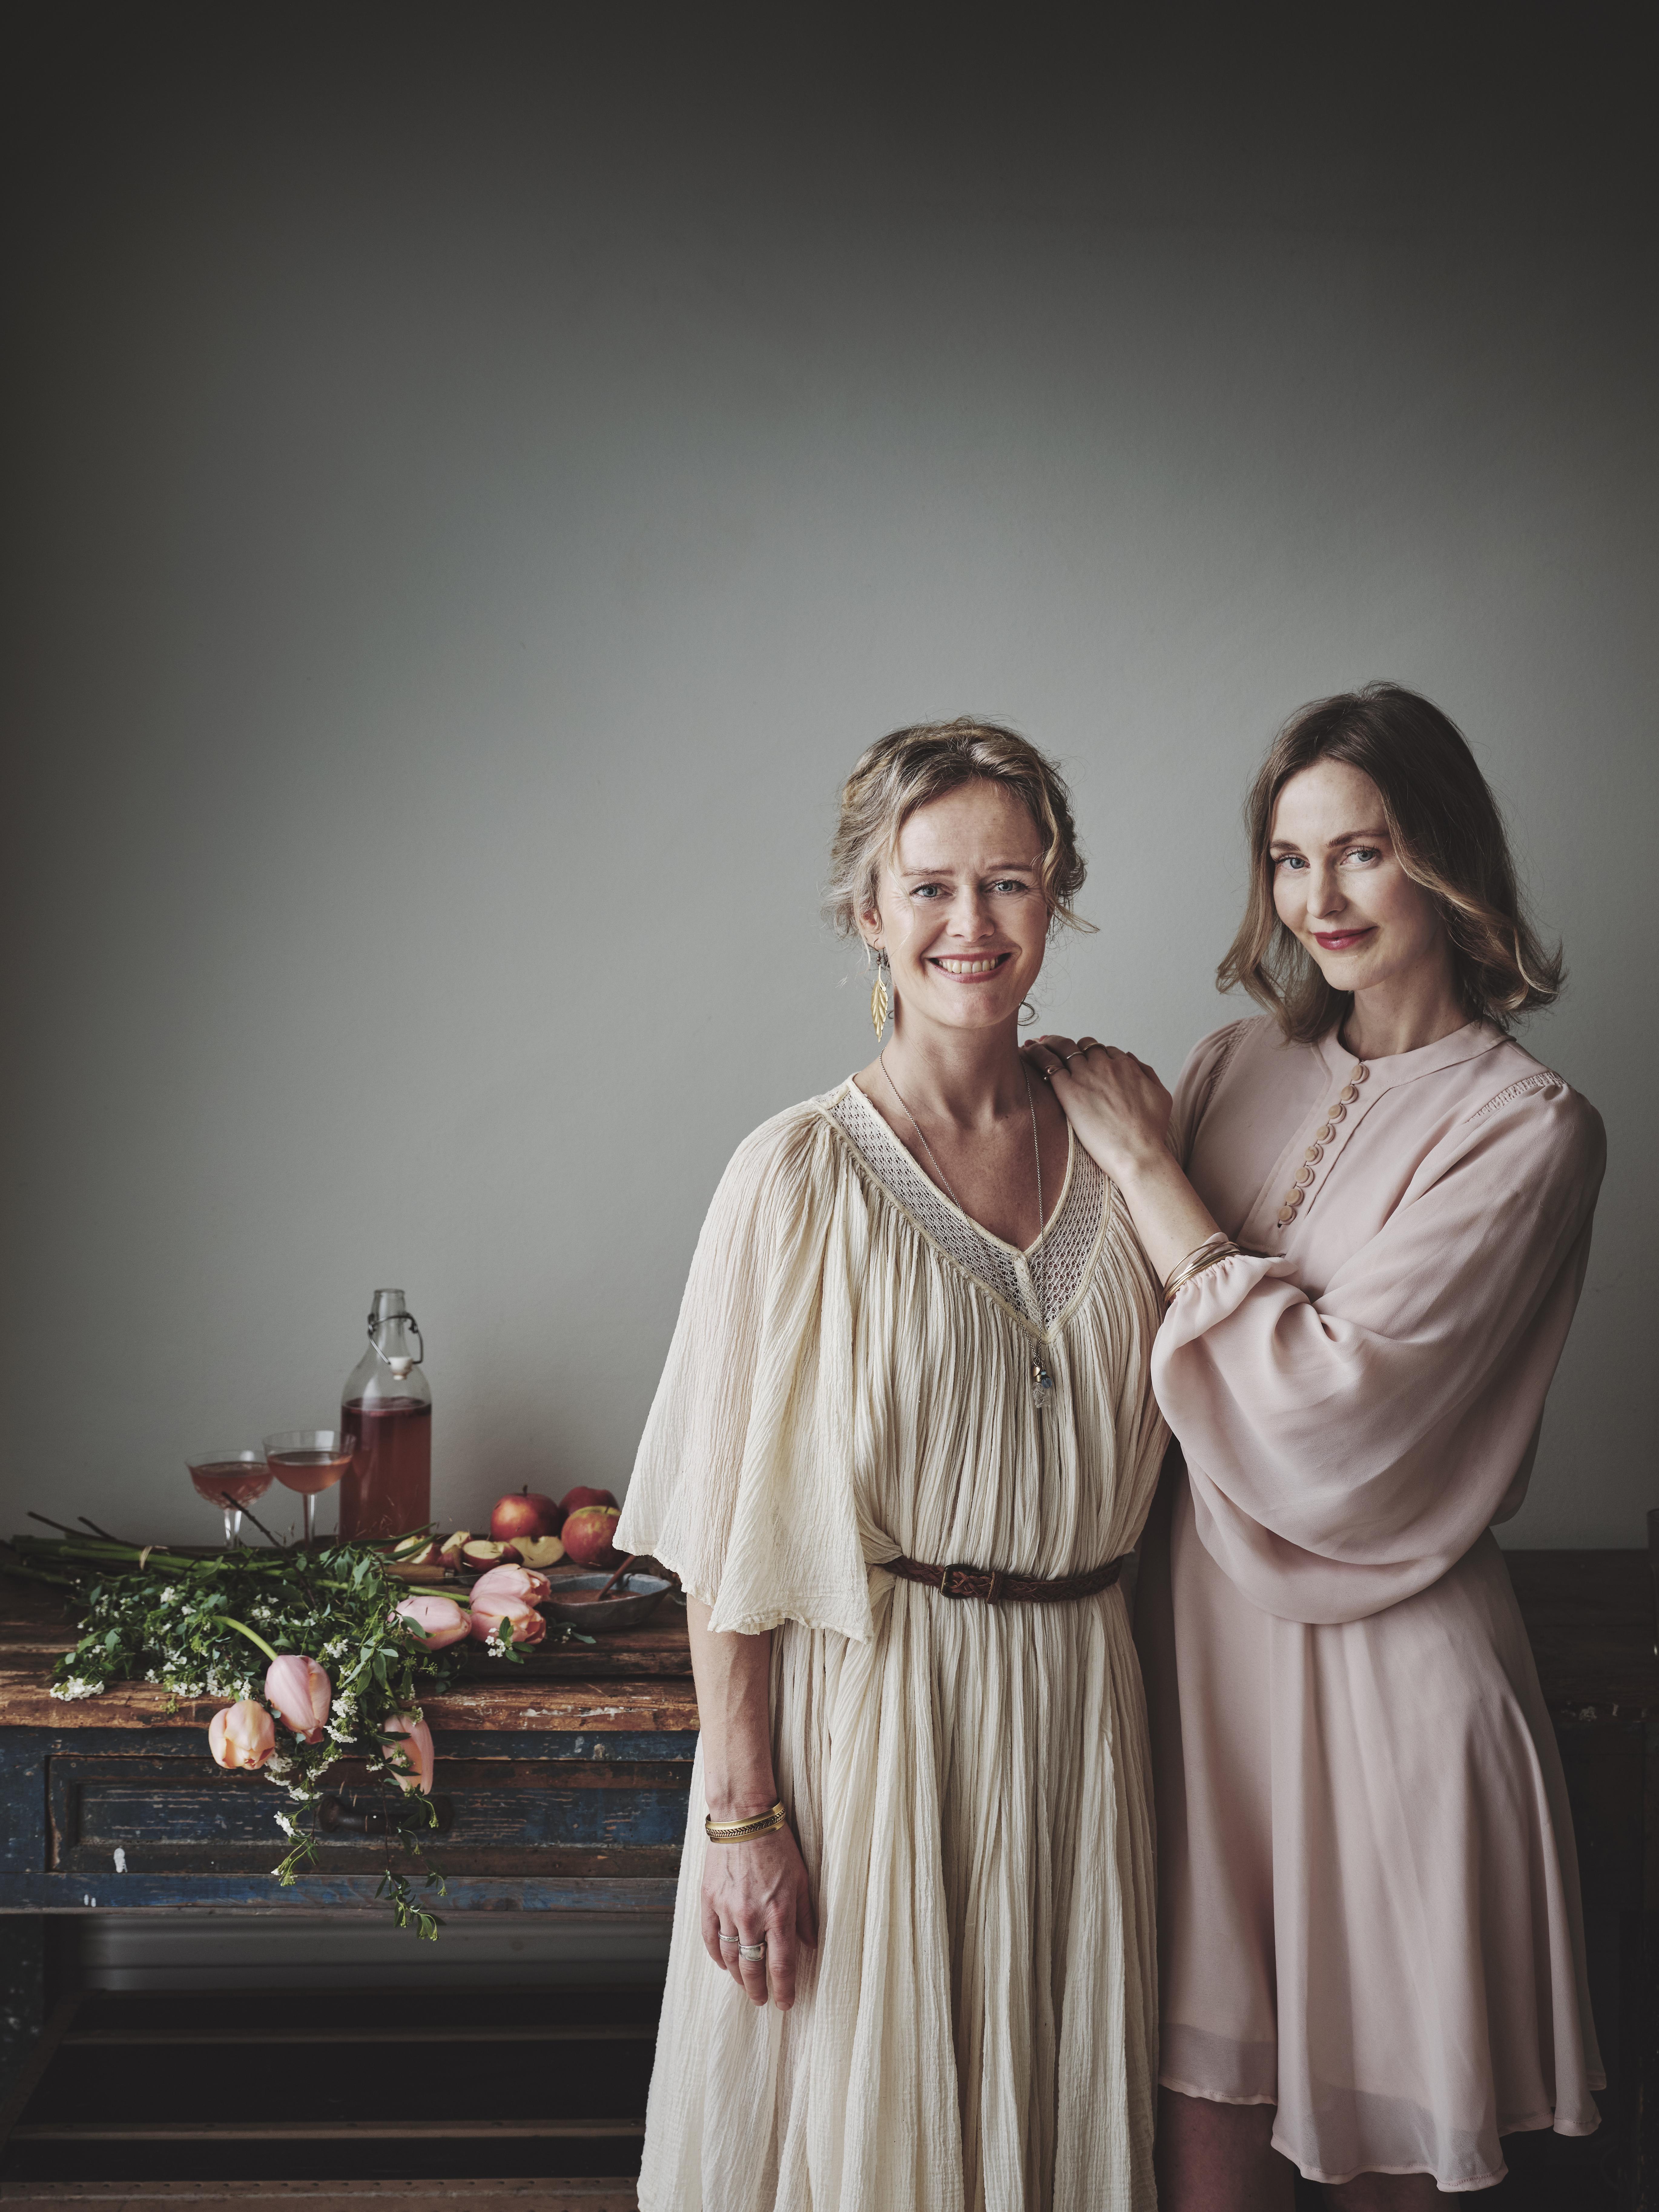 Linda Persson & Malin Persson_Foto_Andrea Papini_1